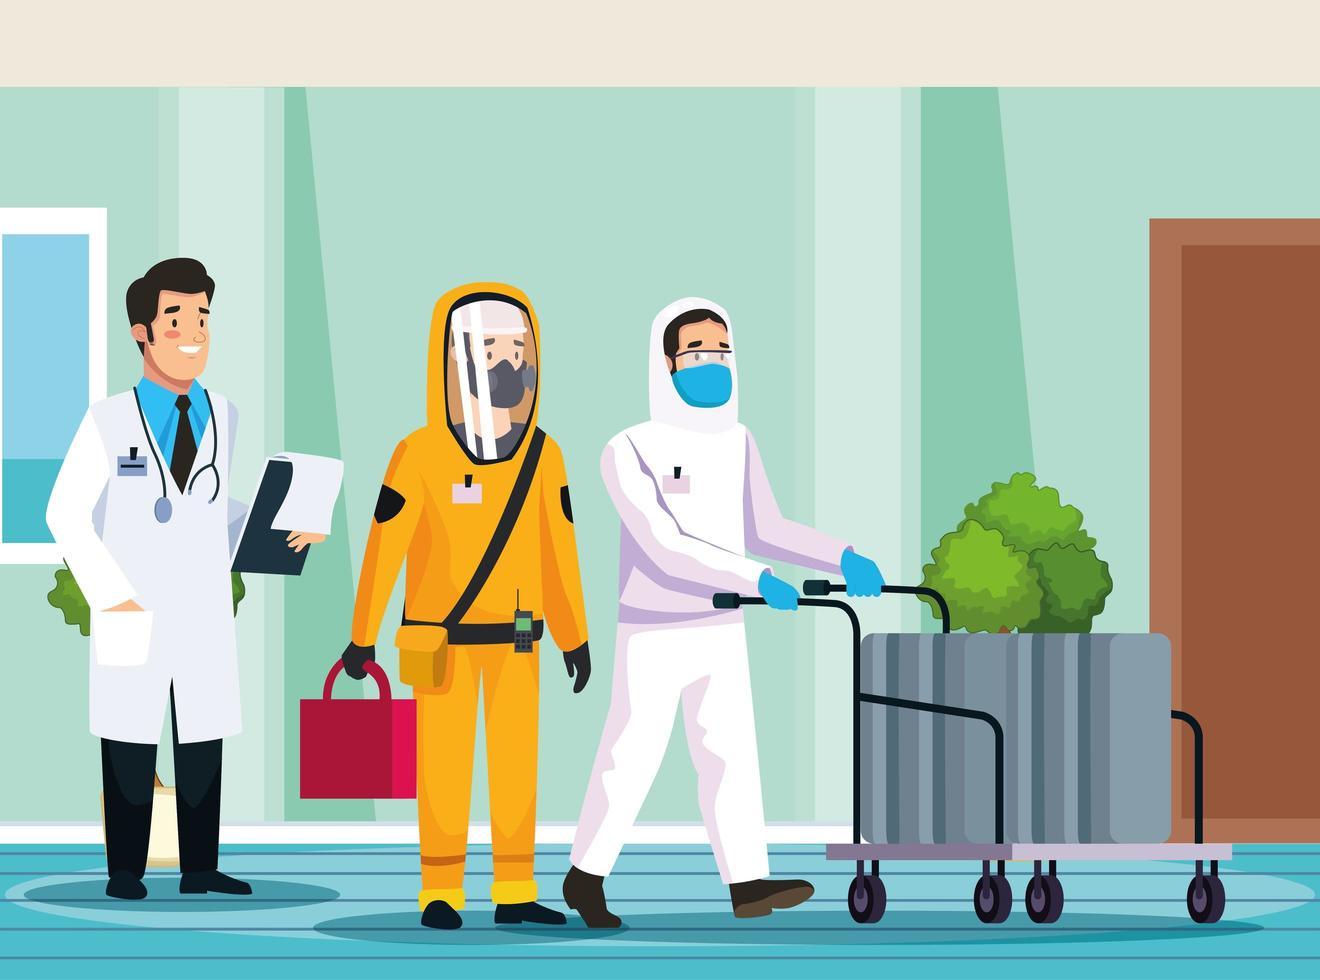 persone di pulizia a rischio biologico con medico vettore